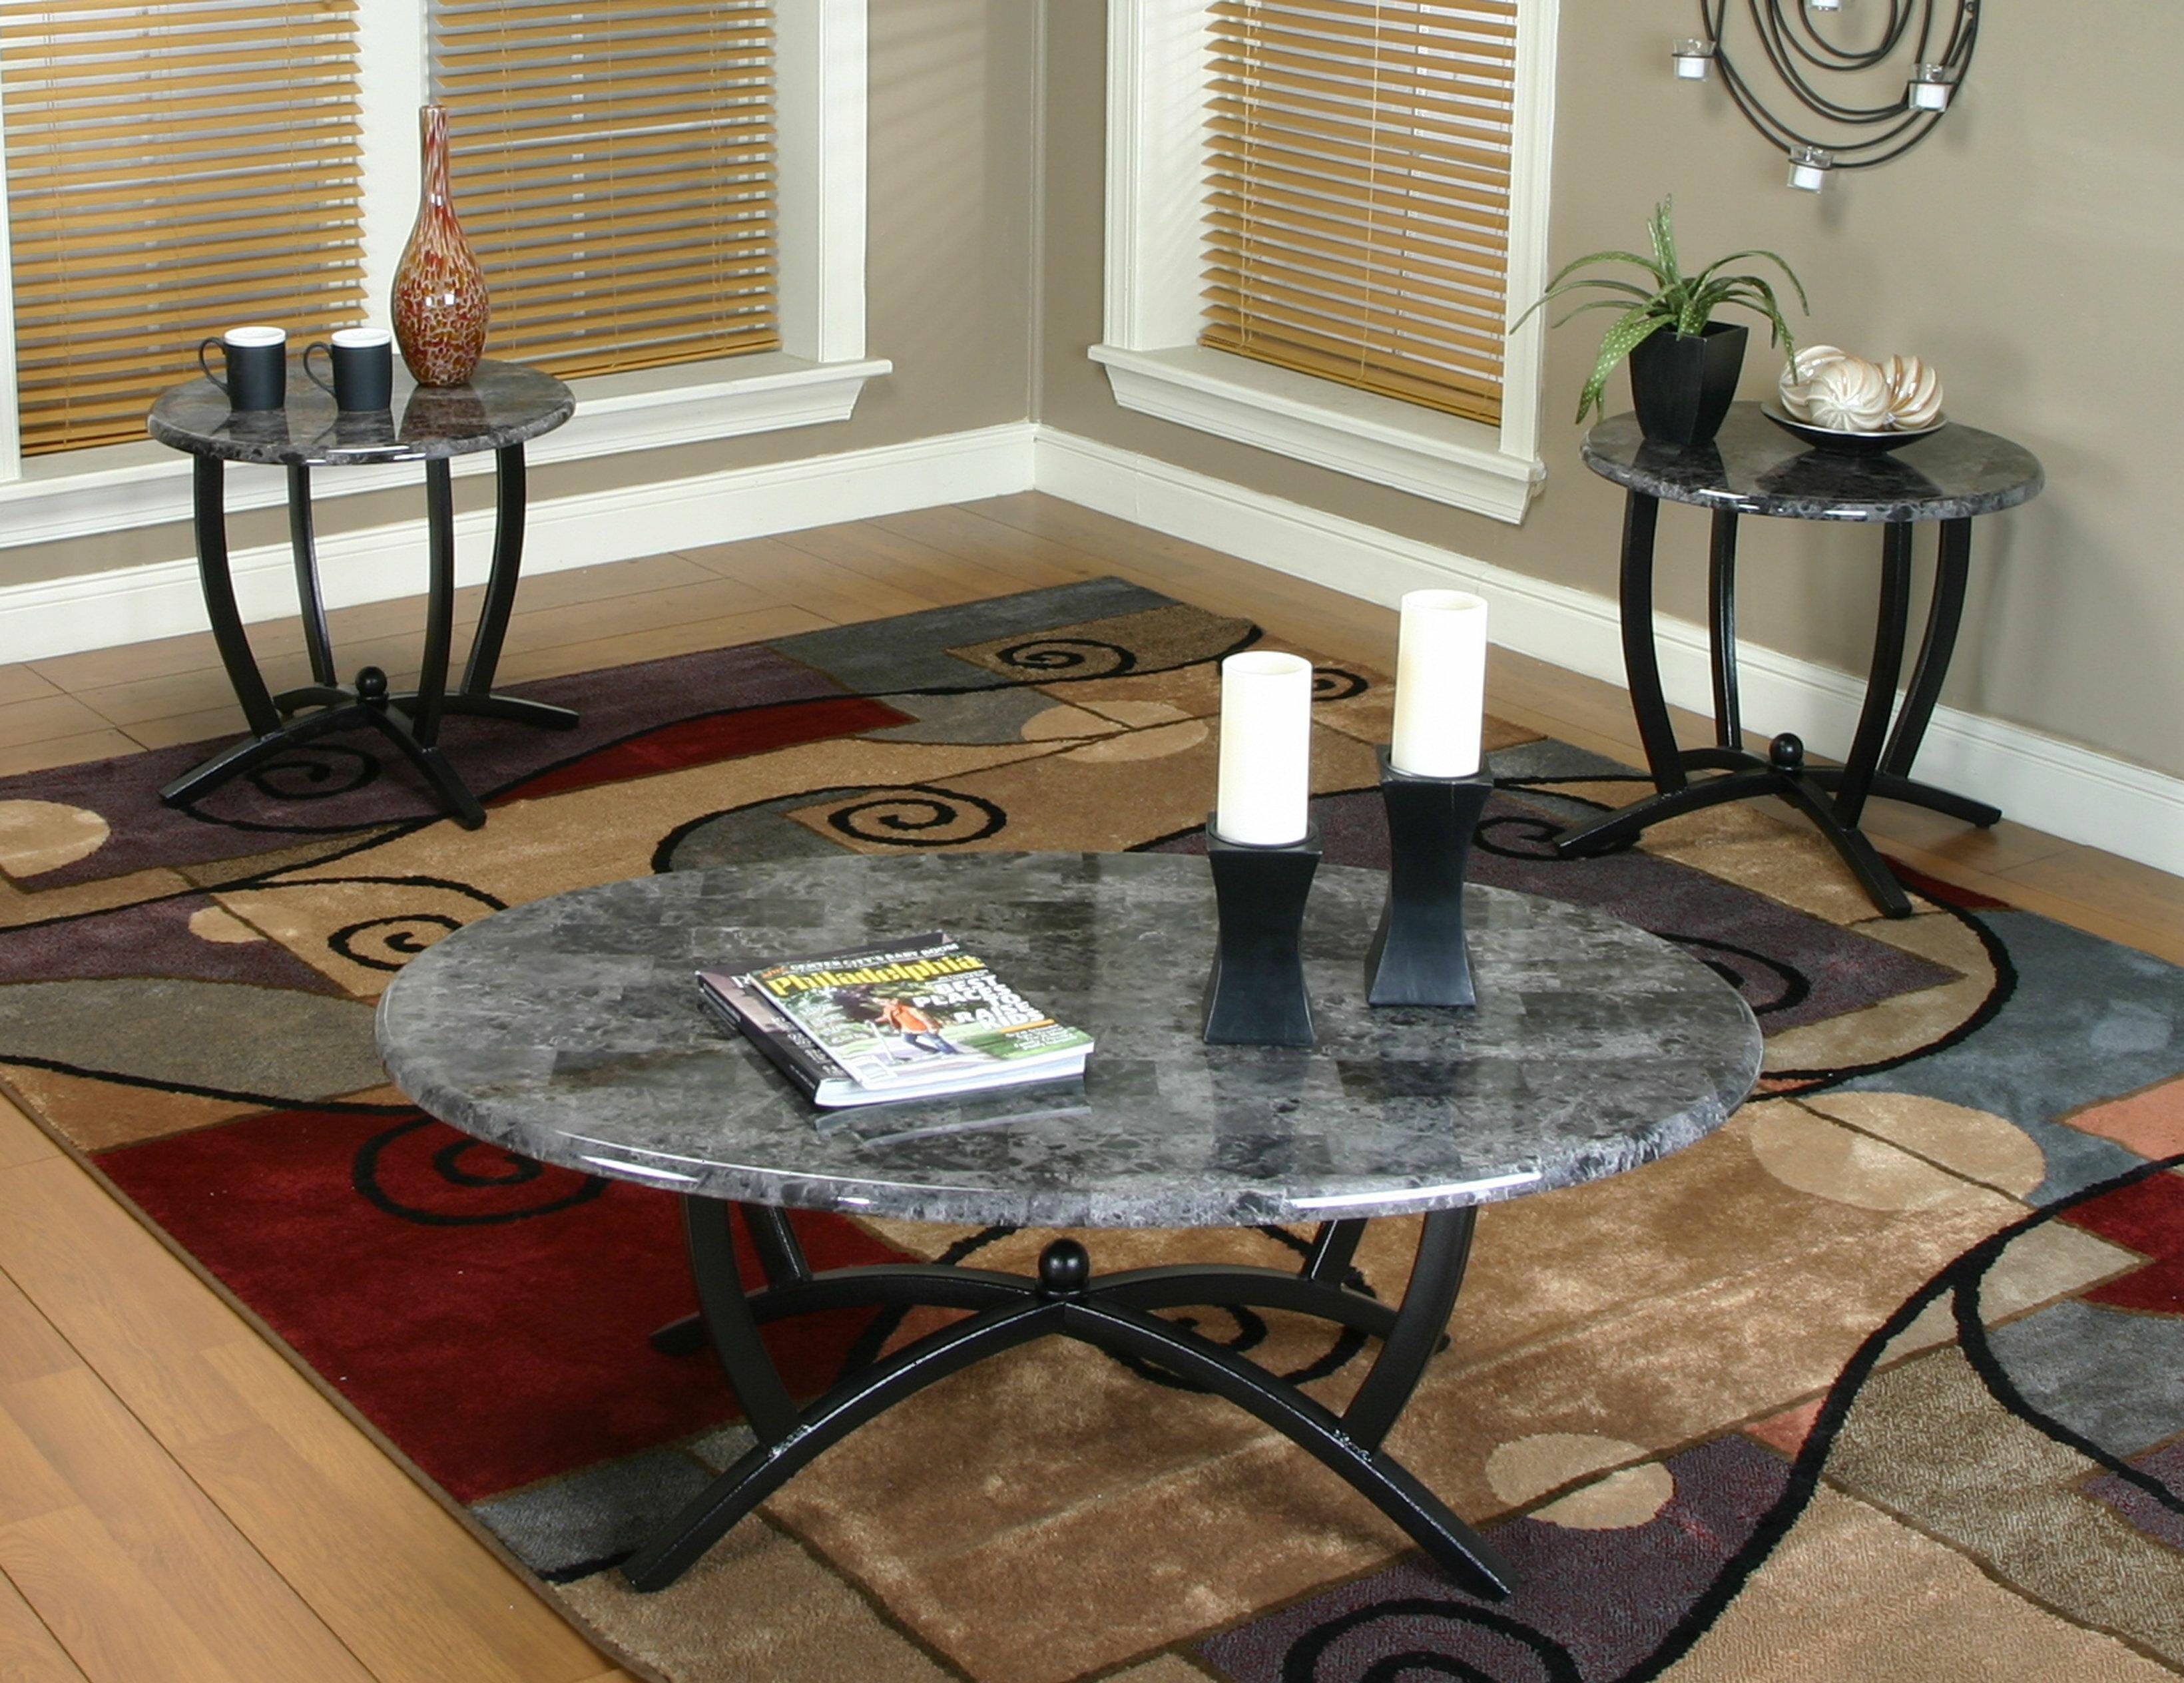 Latitude Run Jacob 3 Piece Coffee Table Set & Reviews